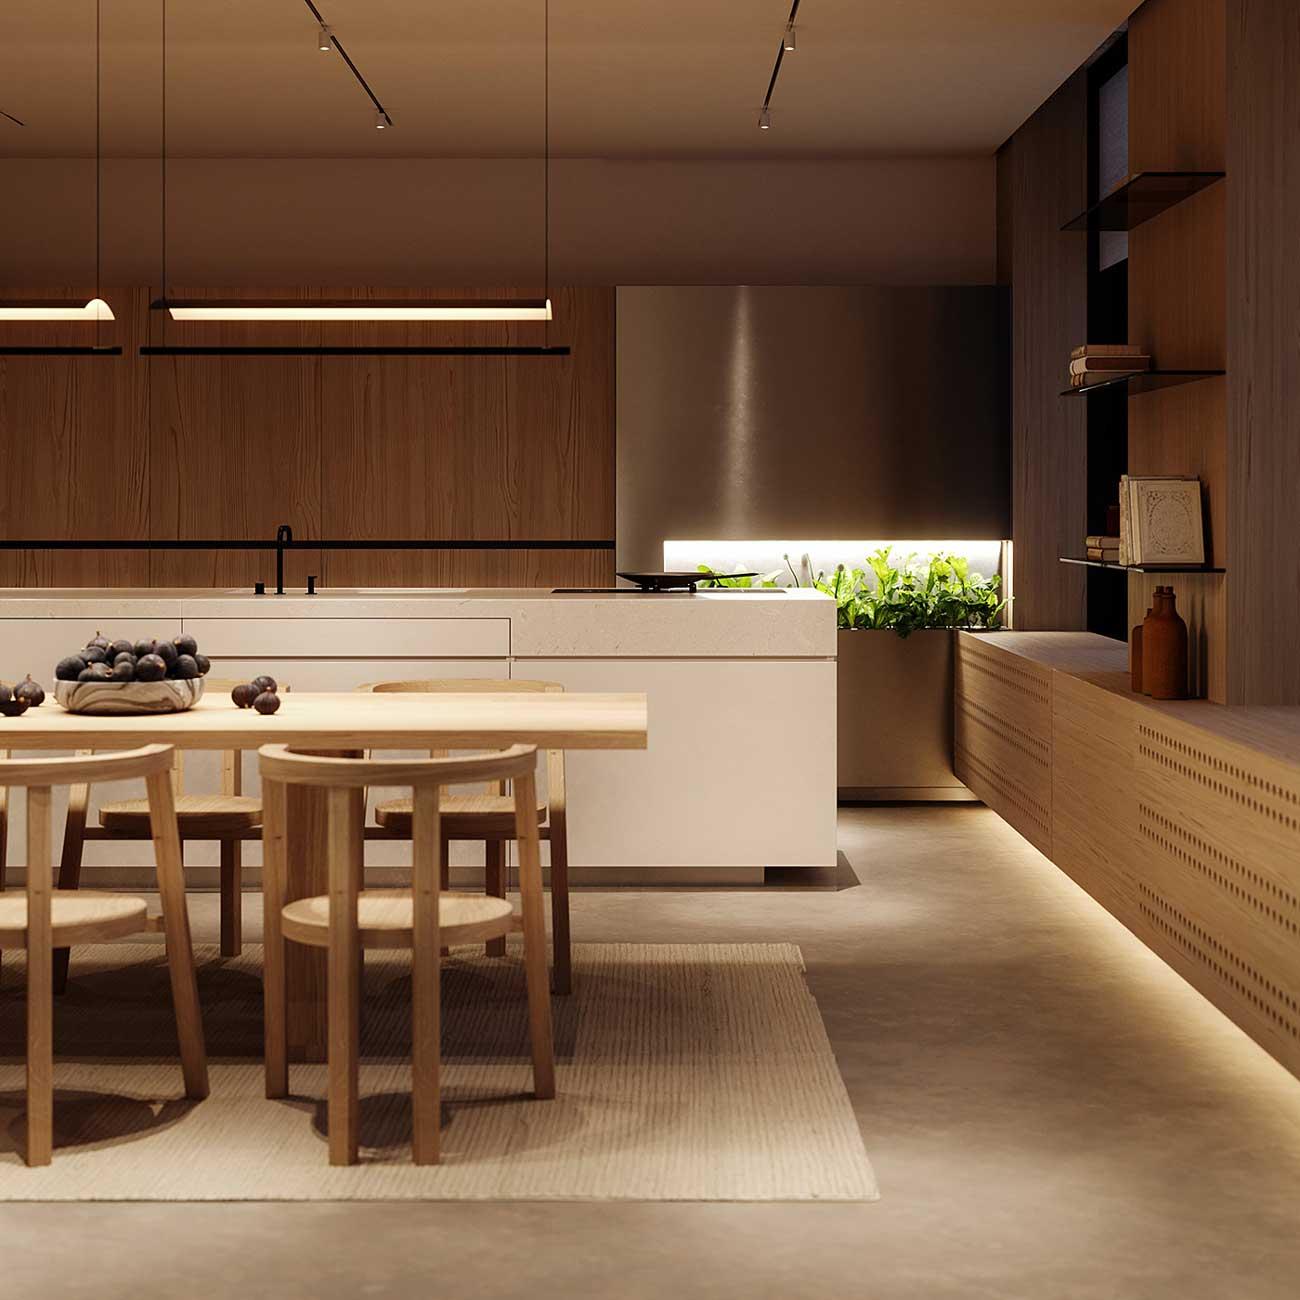 Une cuisine en bois blond vue de nuit avec des meubles et de la végétation rétroéclairés